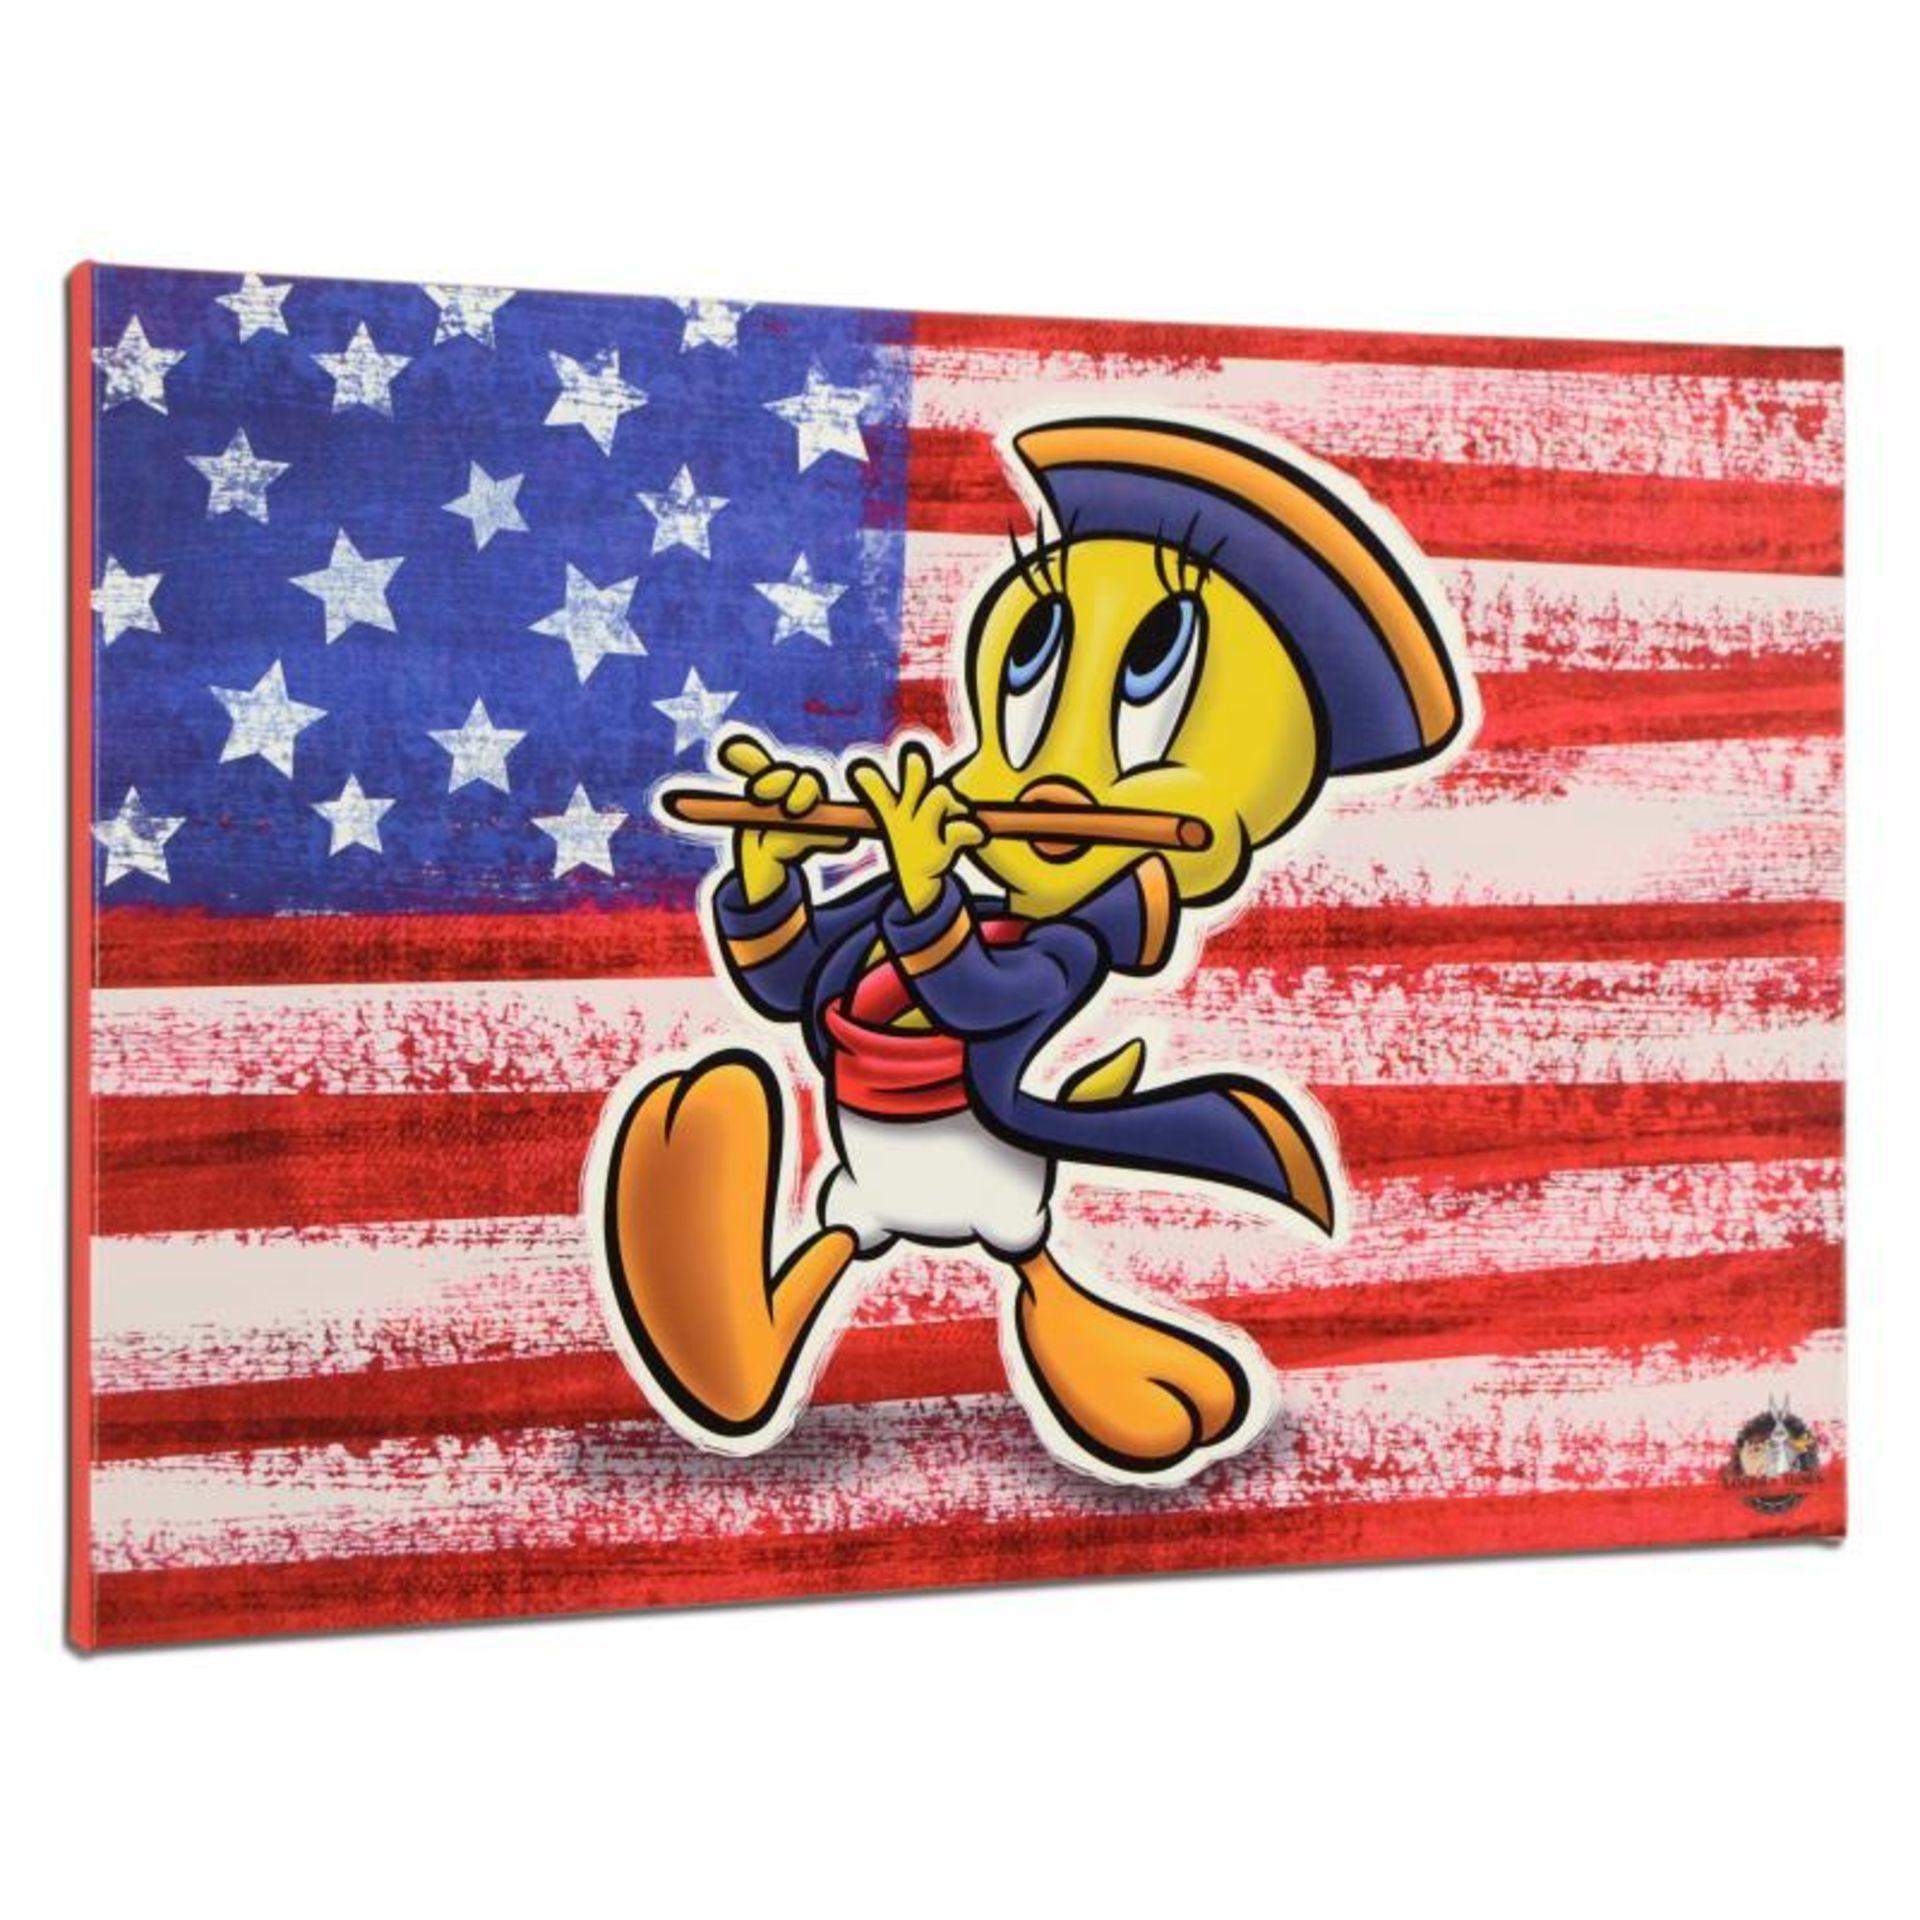 Patriotic Series: Tweety by Looney Tunes - Image 2 of 2